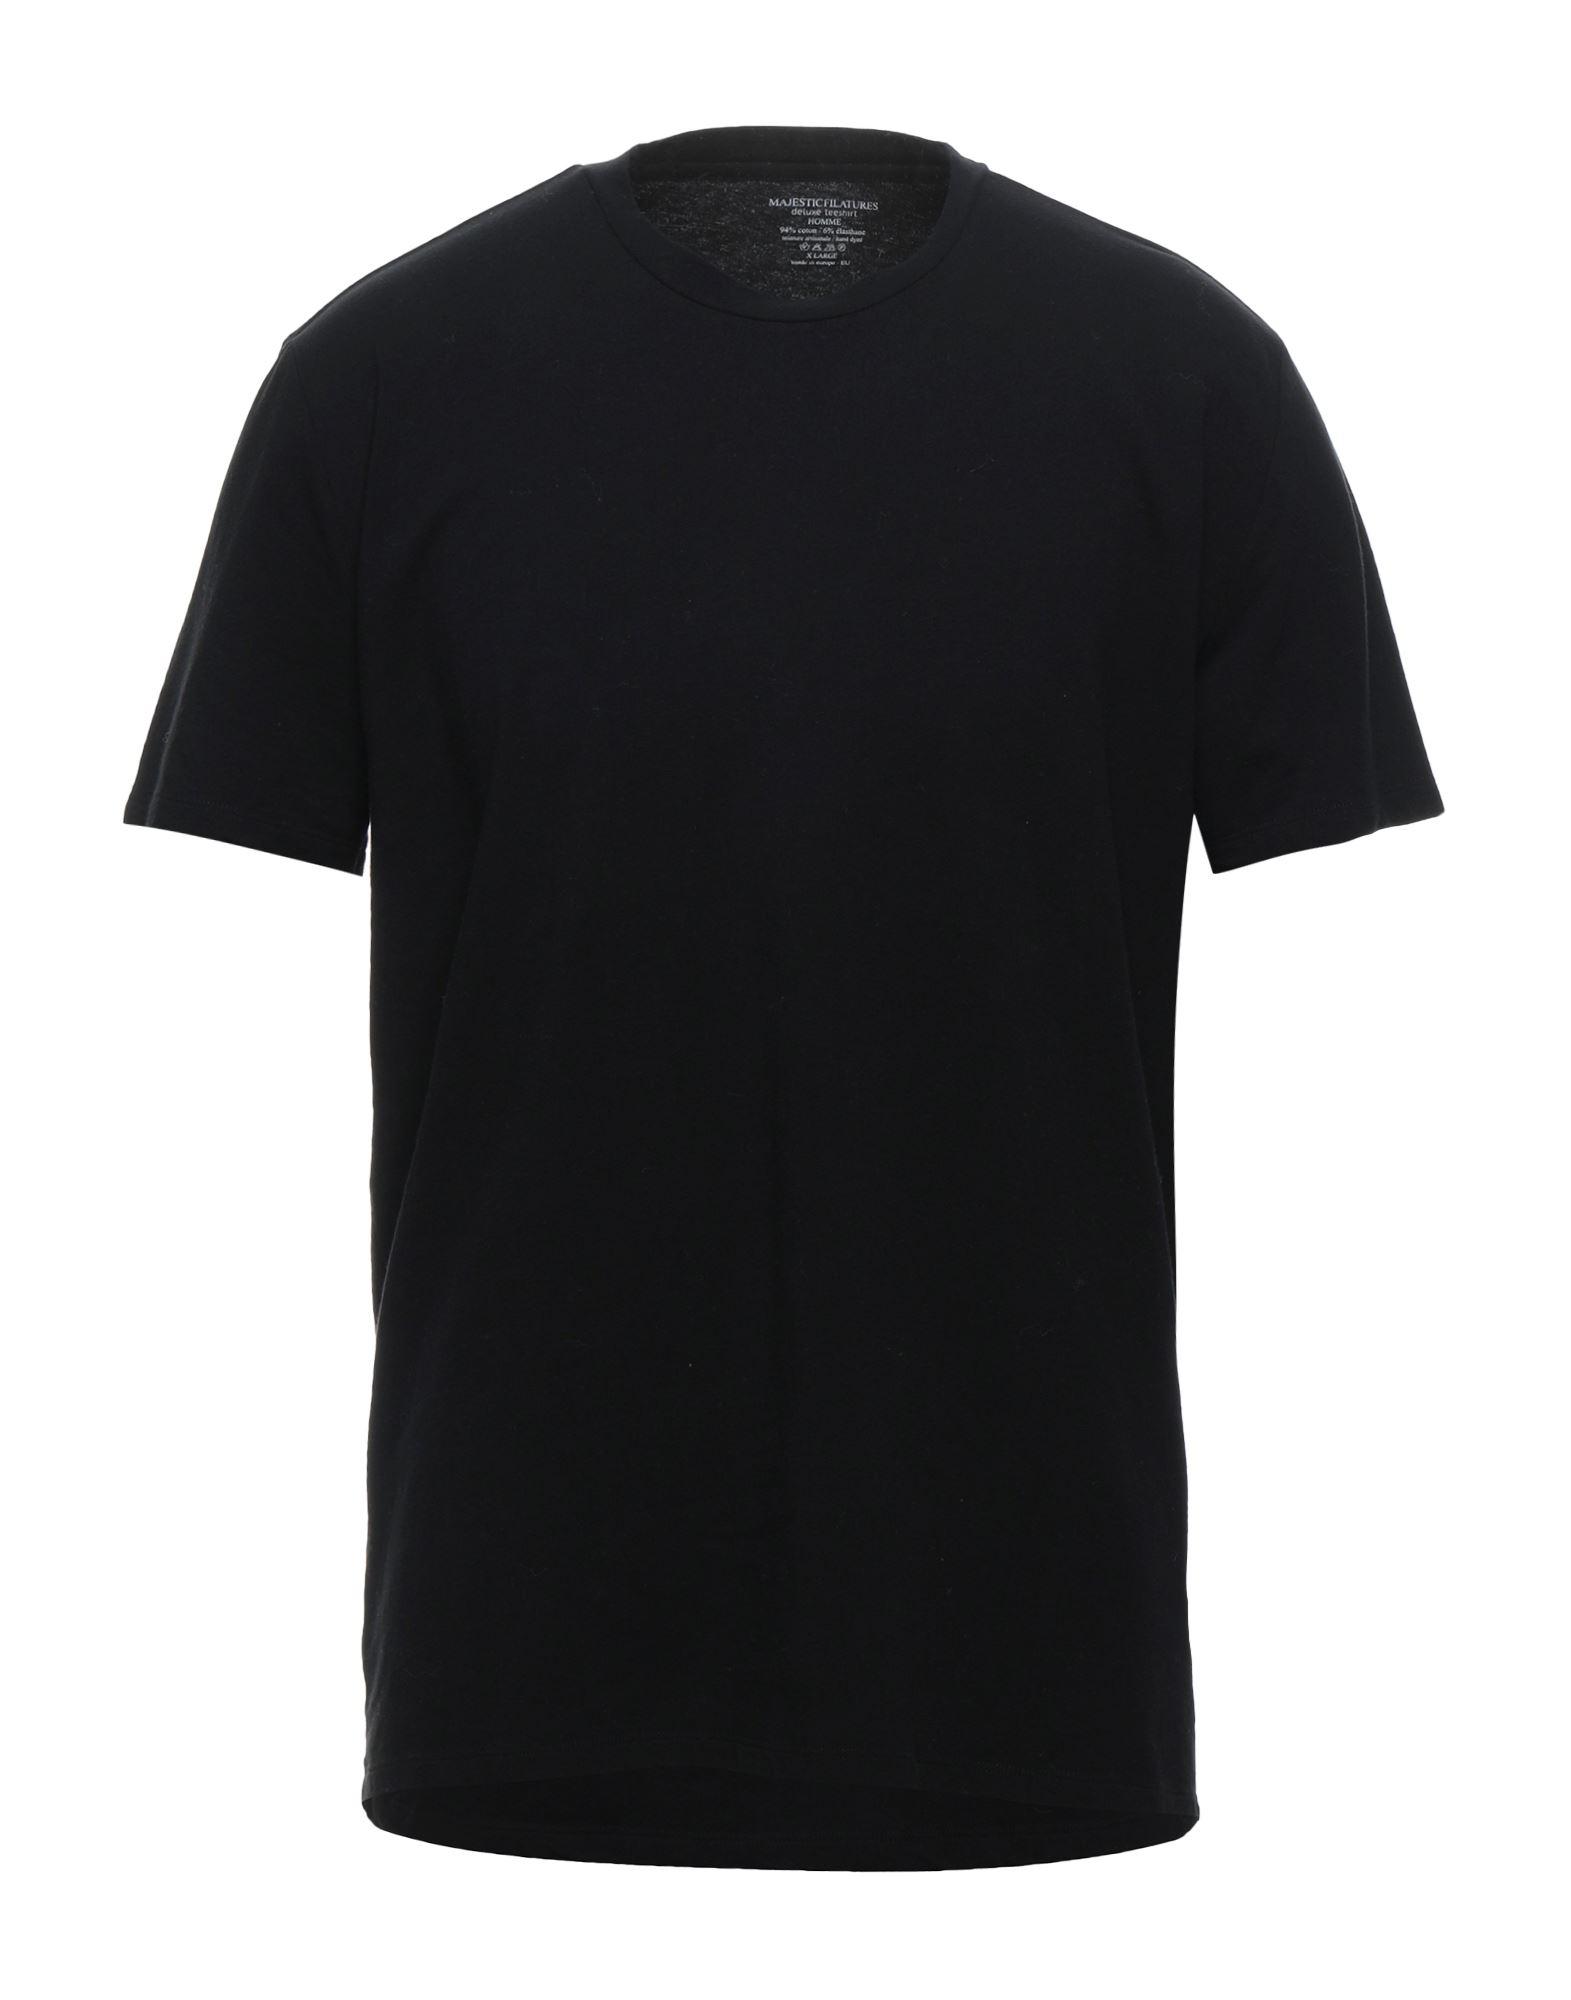 Majestic T-shirts T-SHIRTS